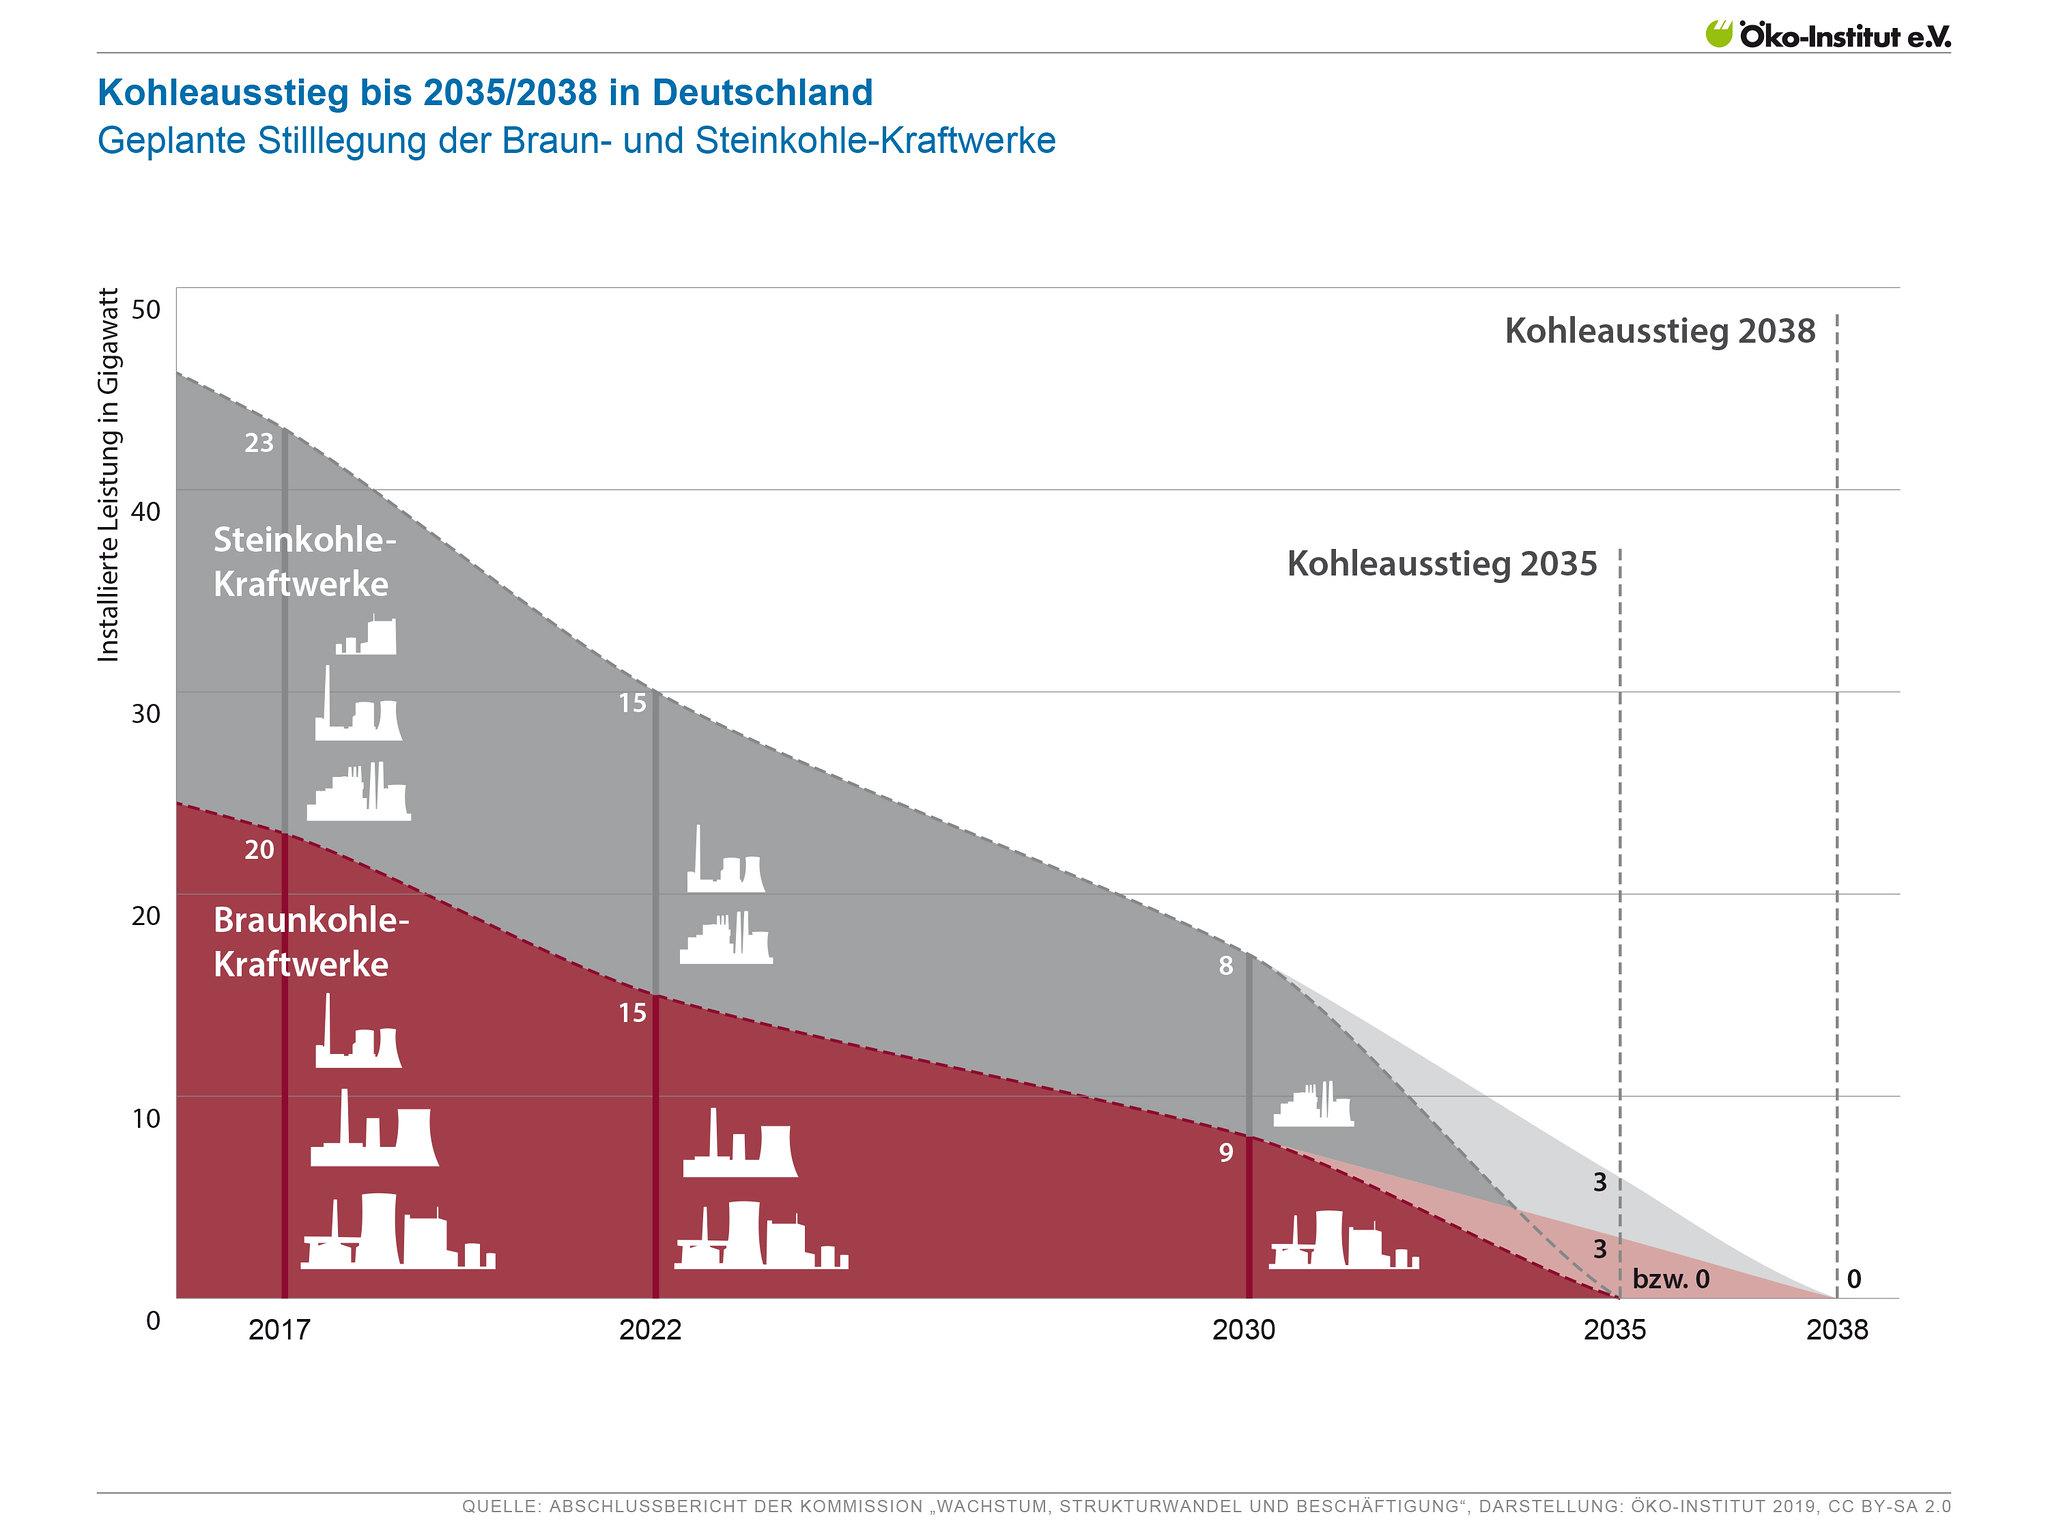 Kohleausstieg bis 2035/2038 in Deutschland